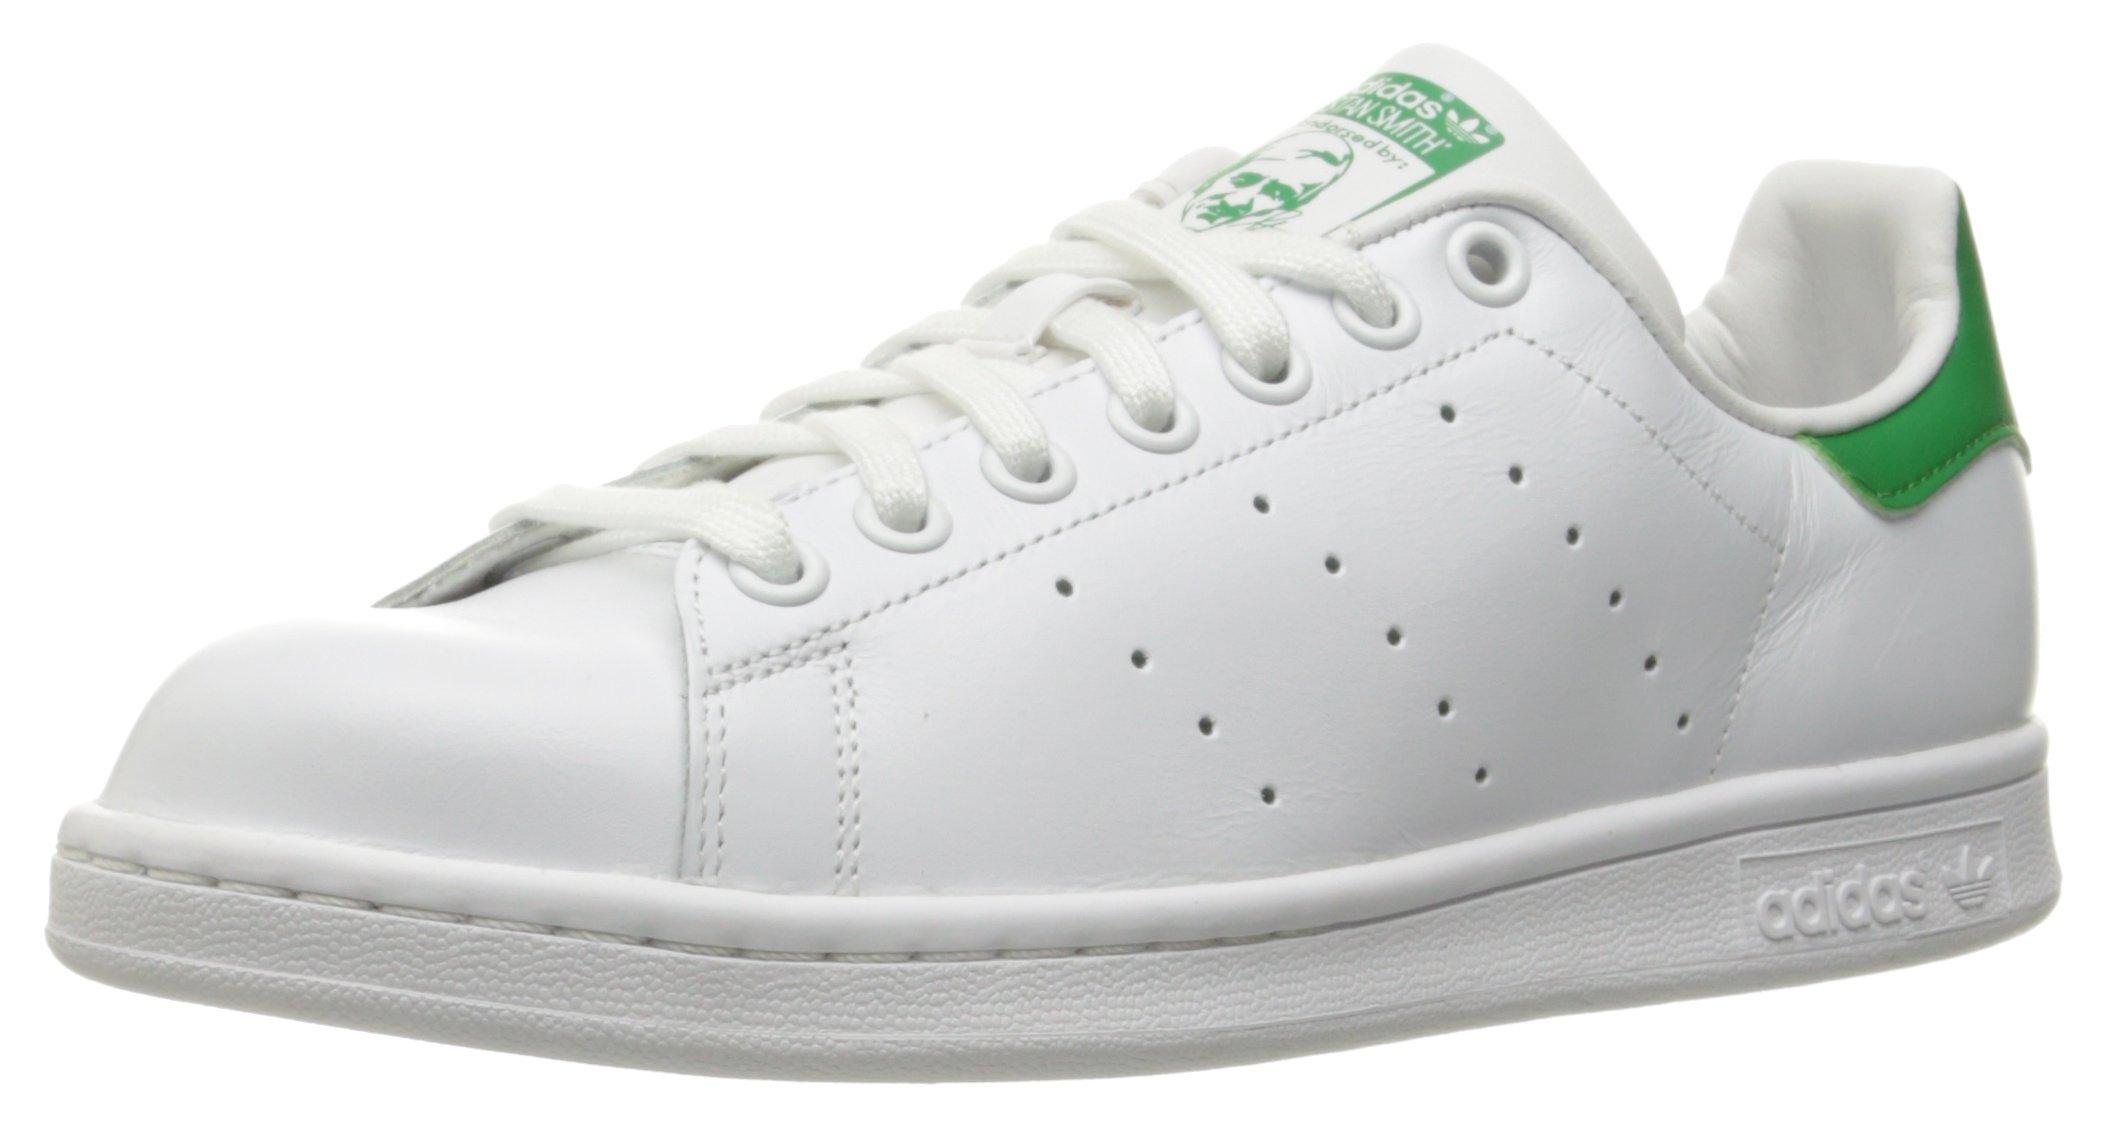 adidas Originals Women's Shoes Stan Smith Fashion Sneakers, White/White/Fairway, 7 B(M) US